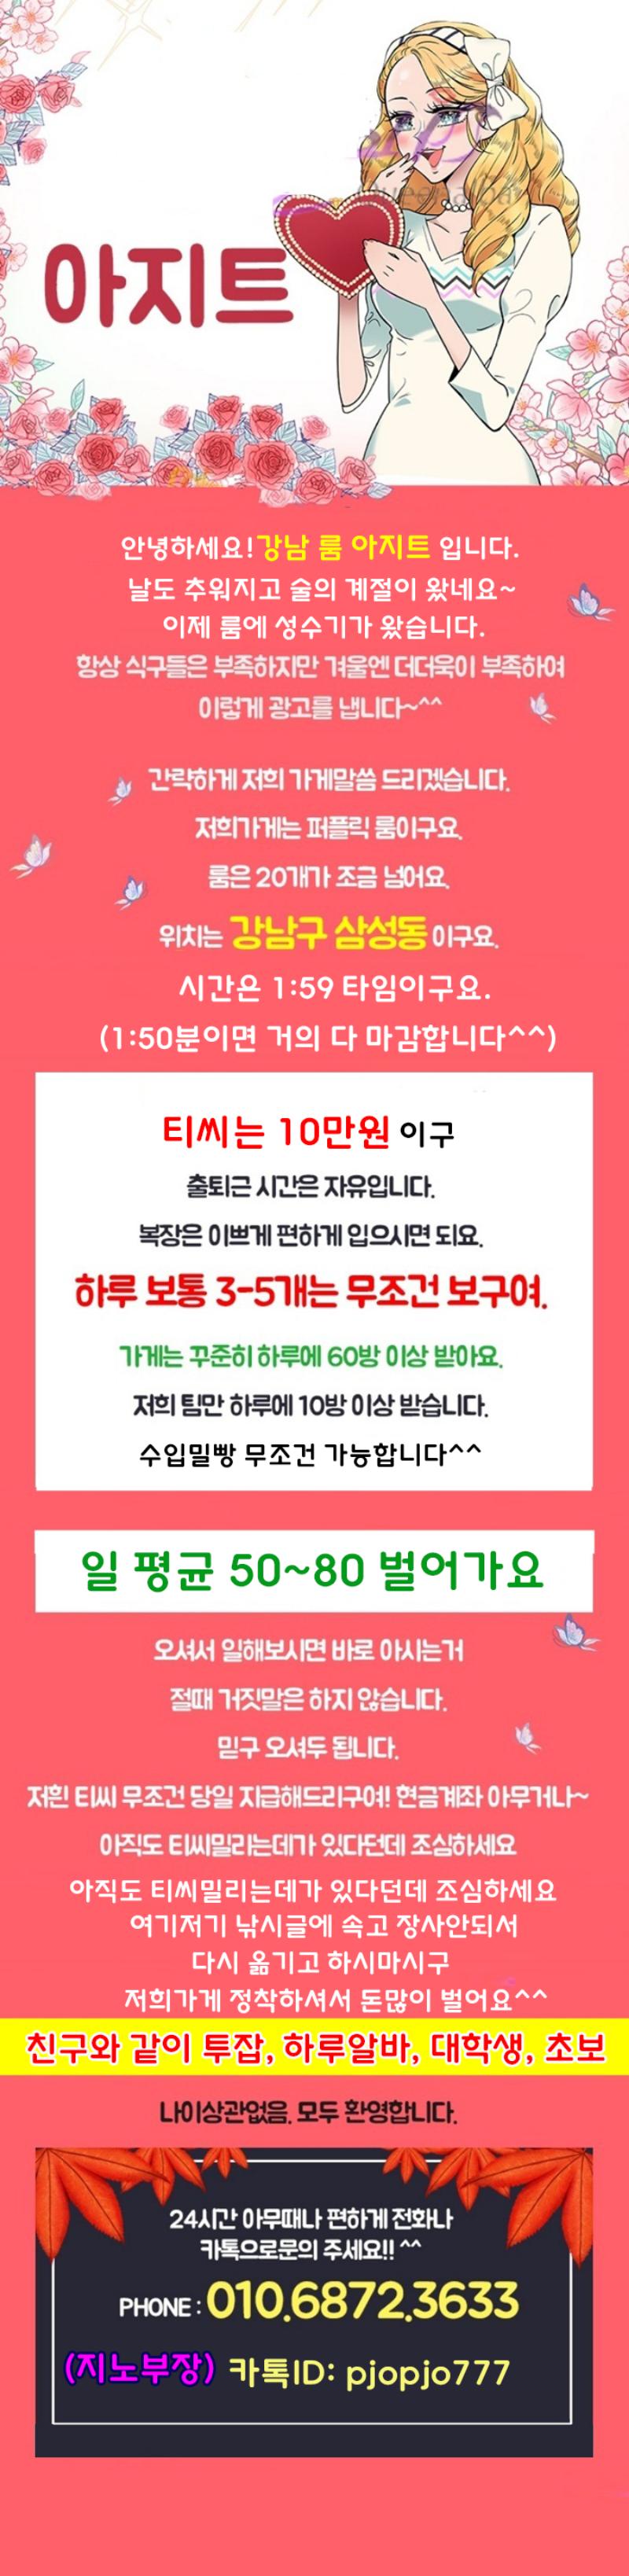 강남밤알바 아지트.png